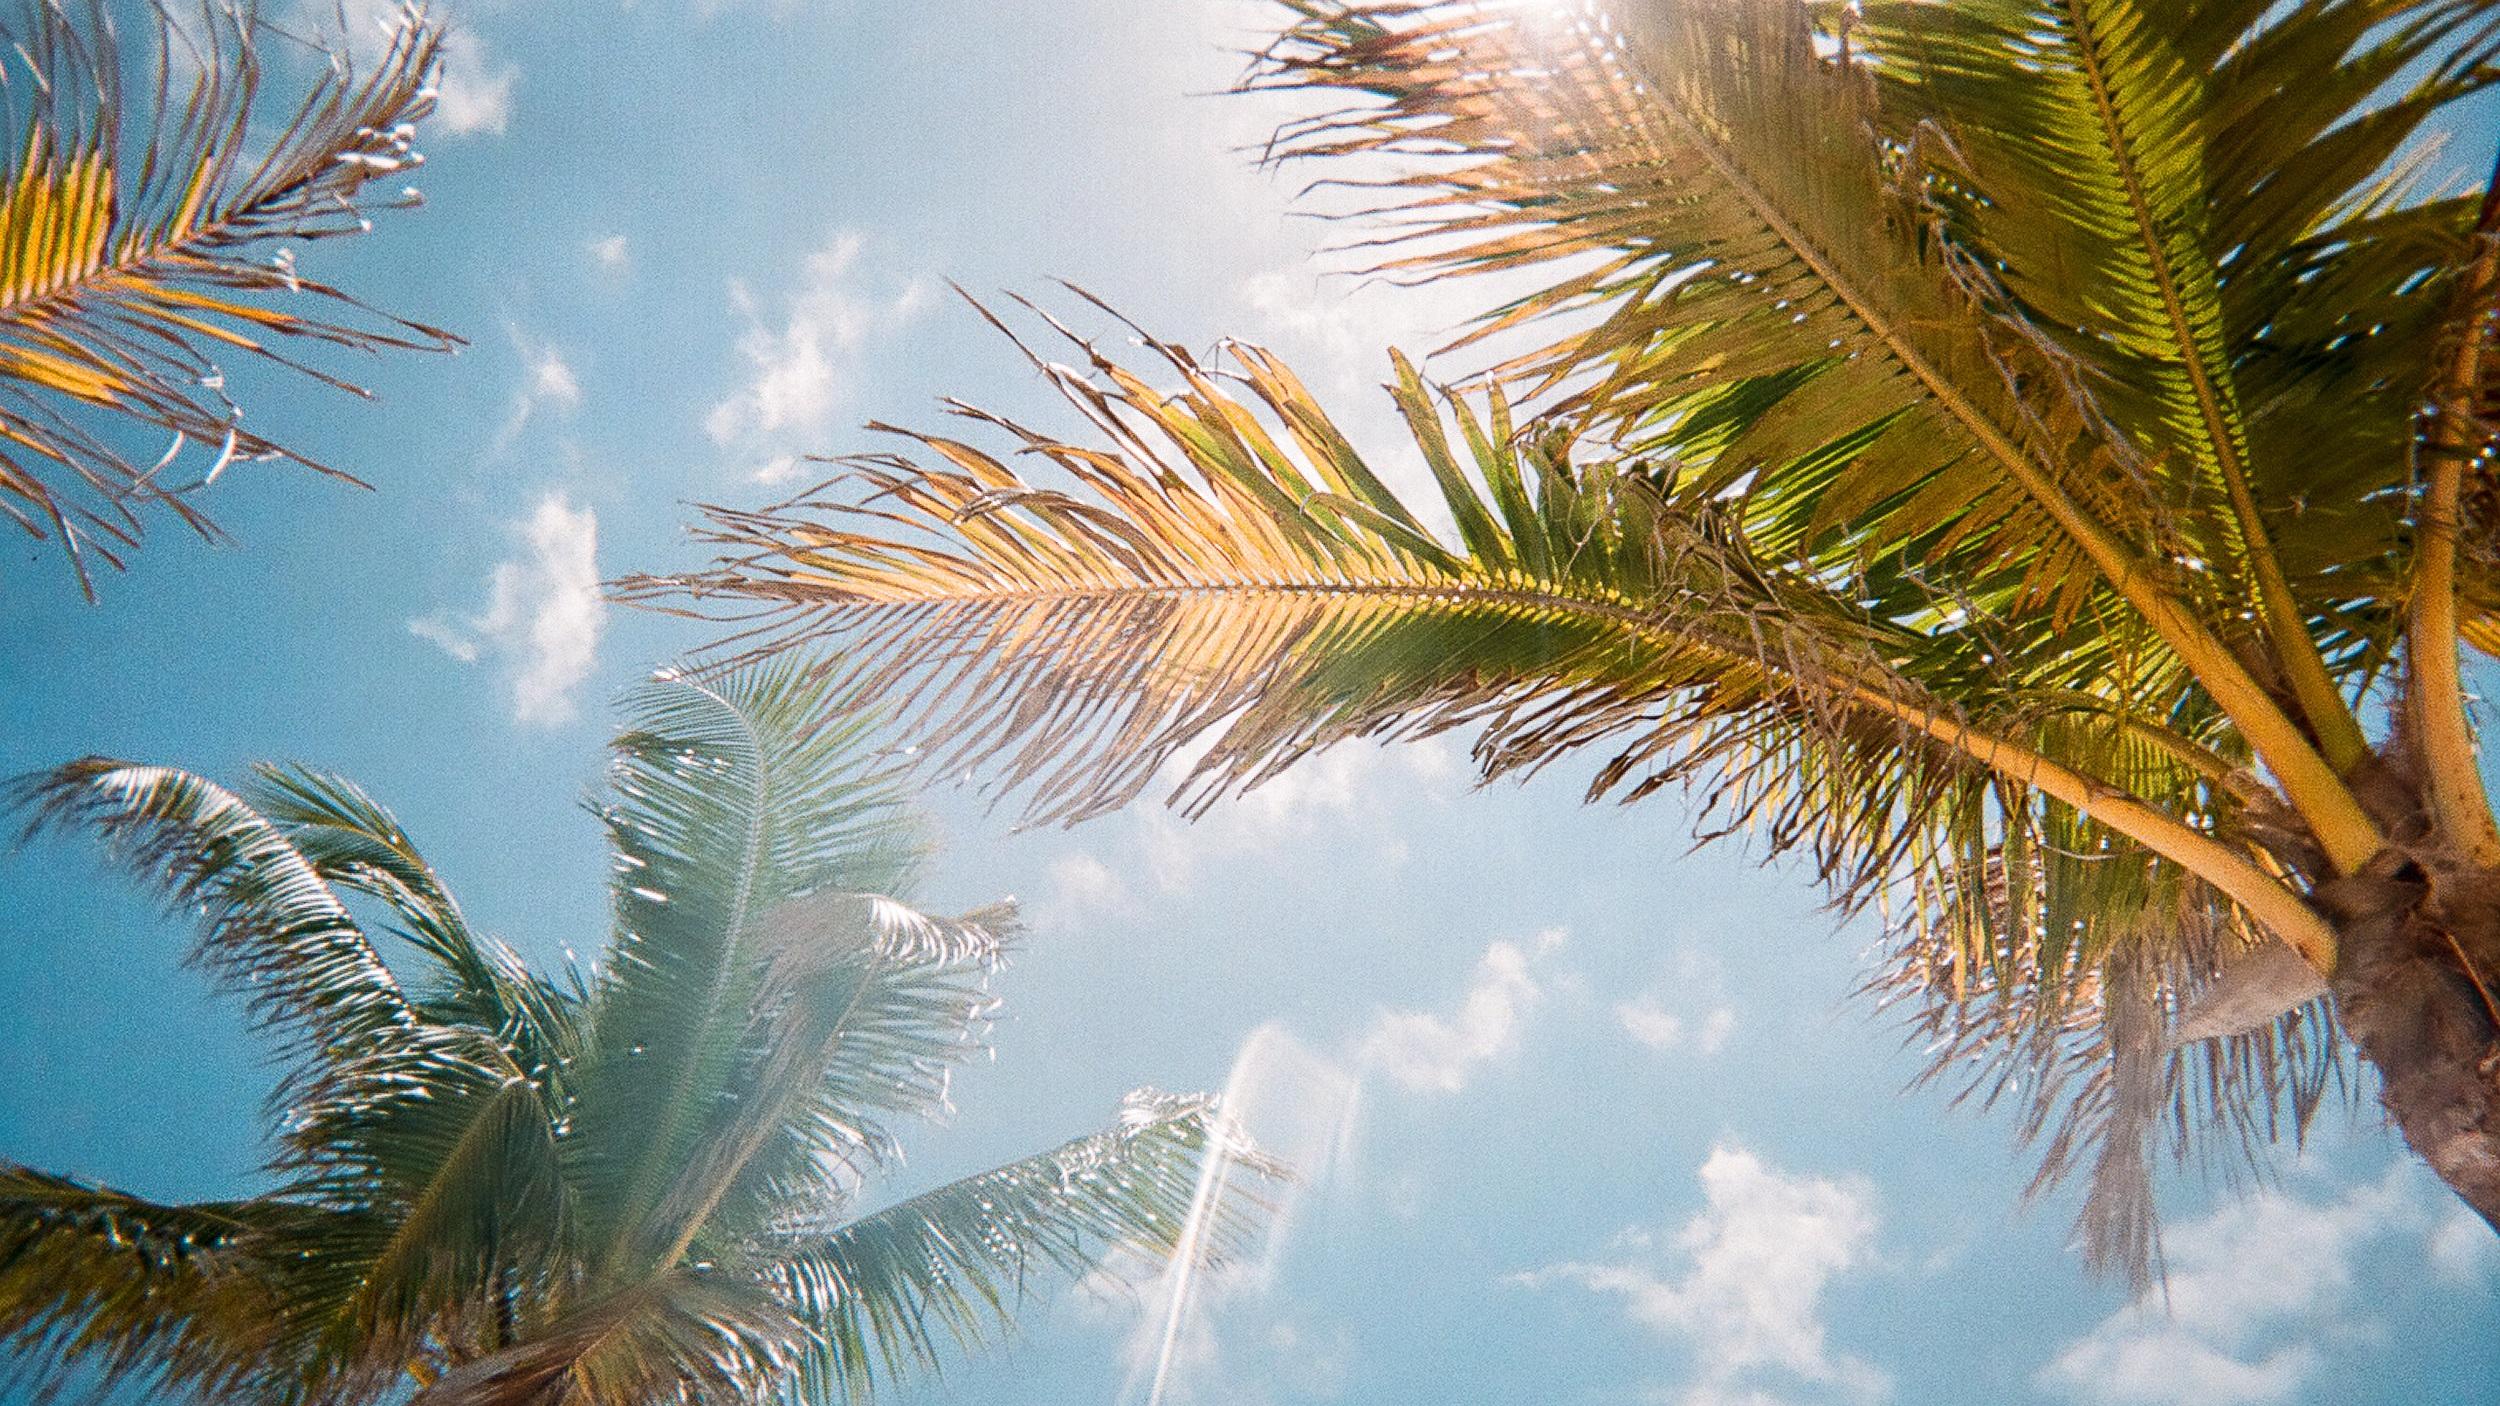 Skräddarsydd resa - Vi skräddarsyr gärna din resa till Florida. Fyll i formuläret och ange dina önskemål. Genom personlig service och idérikedom hjälper vi dig med den perfekta Floridaresan.